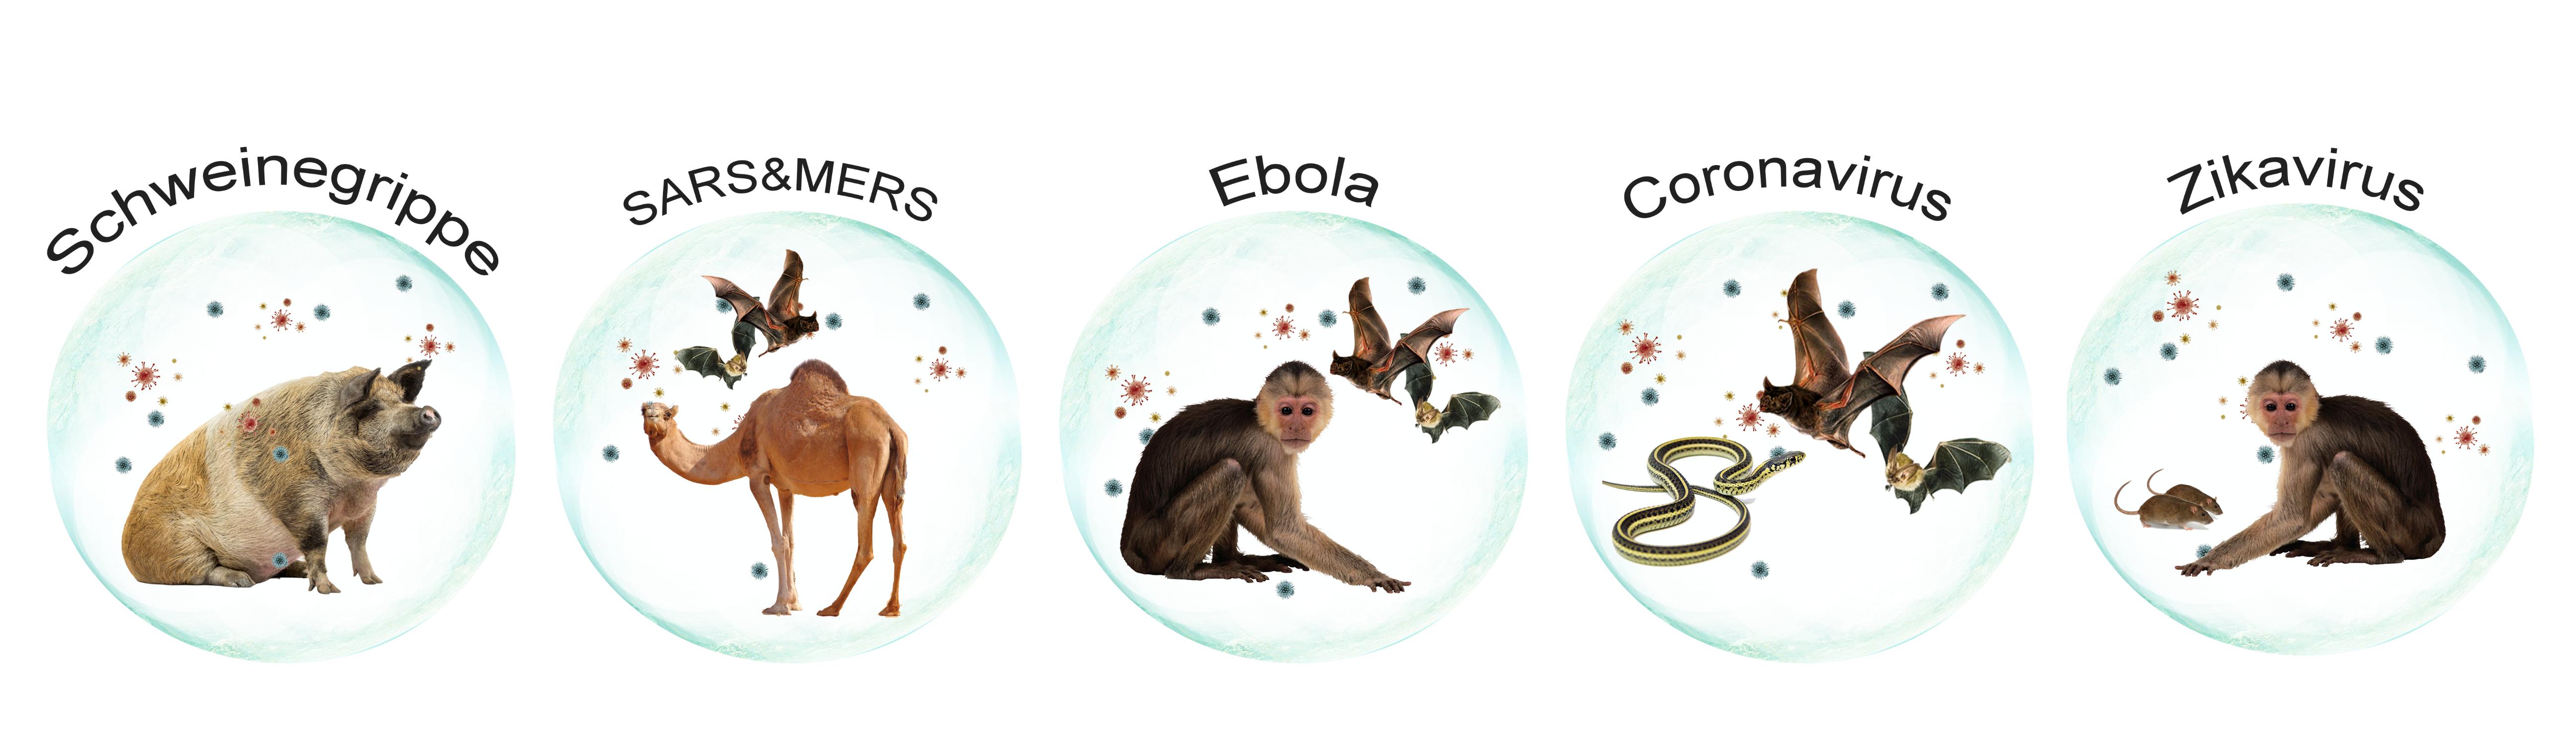 Schweinegrippe, SARS, MERS, Ebola, Zikavirus, Corona - Tieren